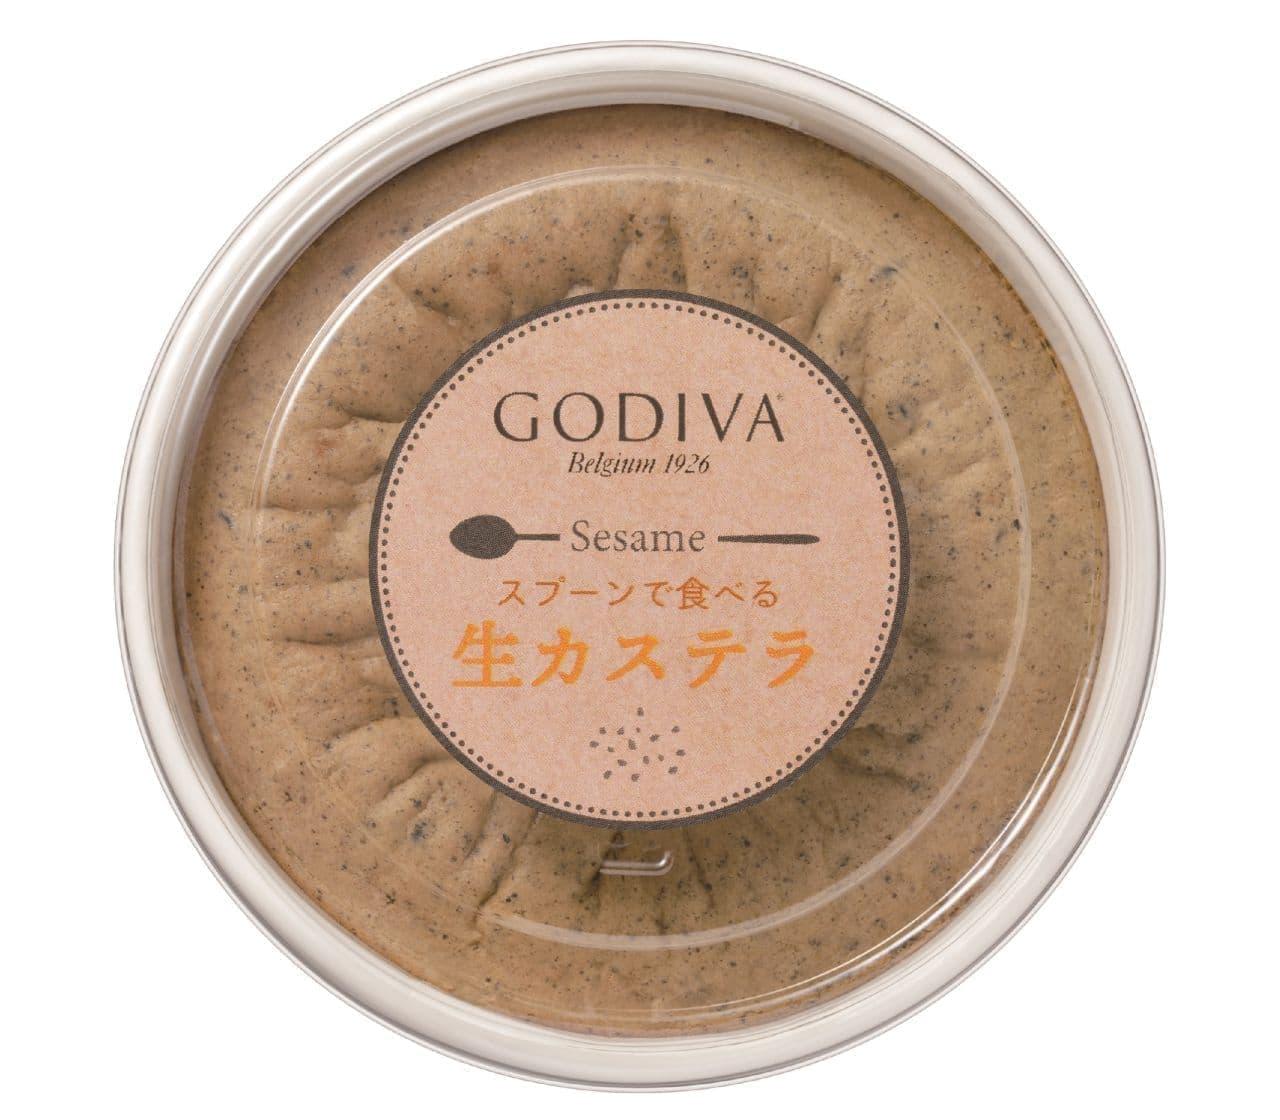 ゴディバ マンスリー シェフズ セレクション第1弾「スプーンで食べる生カステラ セサミ」